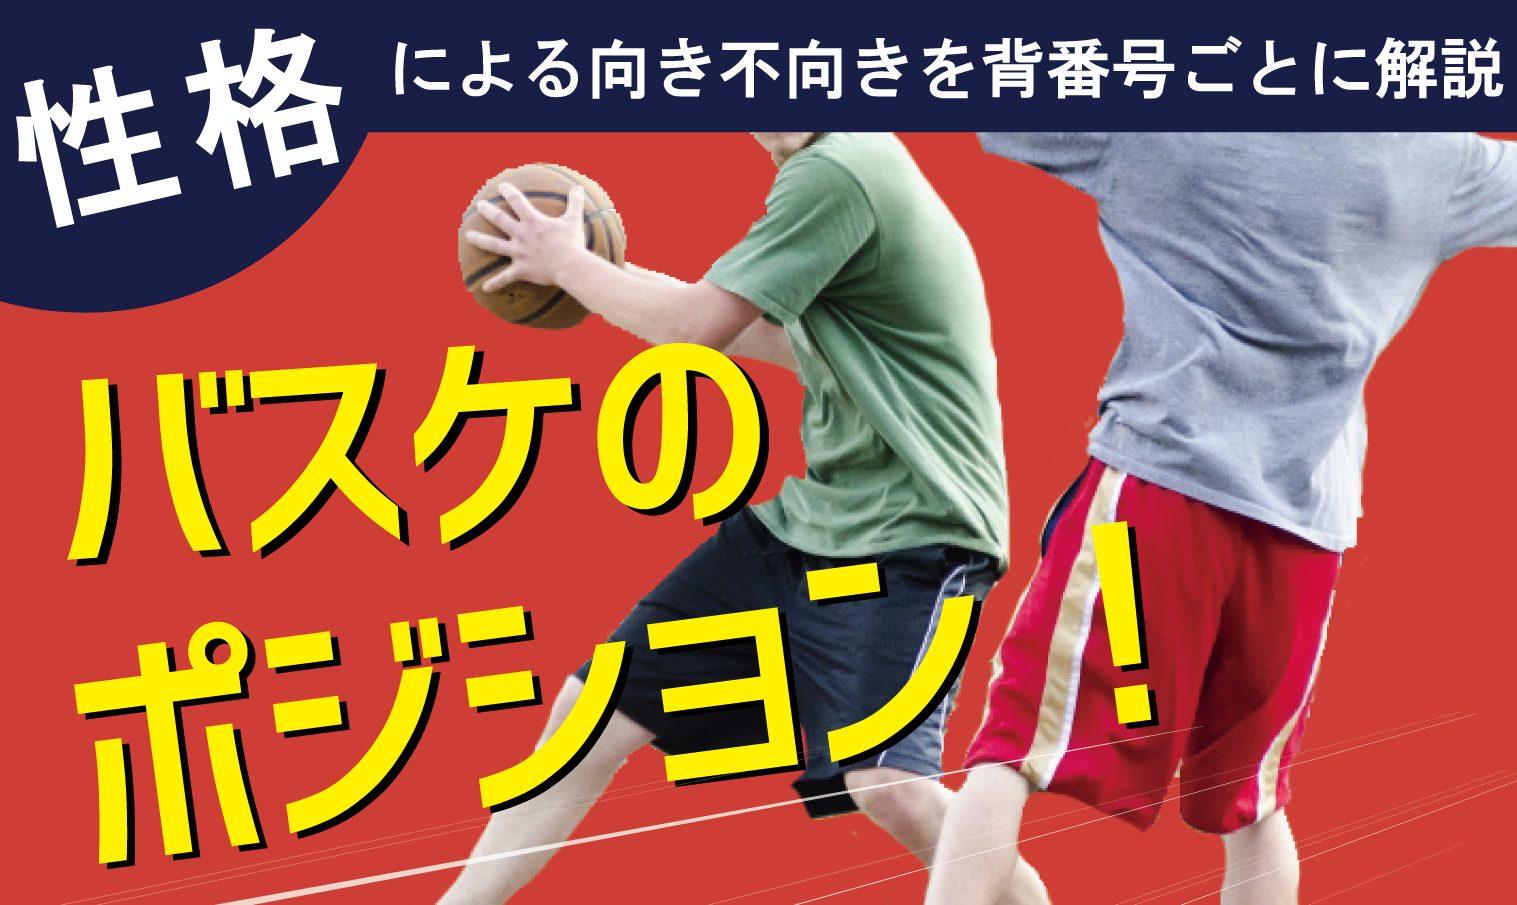 2-バスケのポジション!性格による向き不向きを背番号ごとに解説